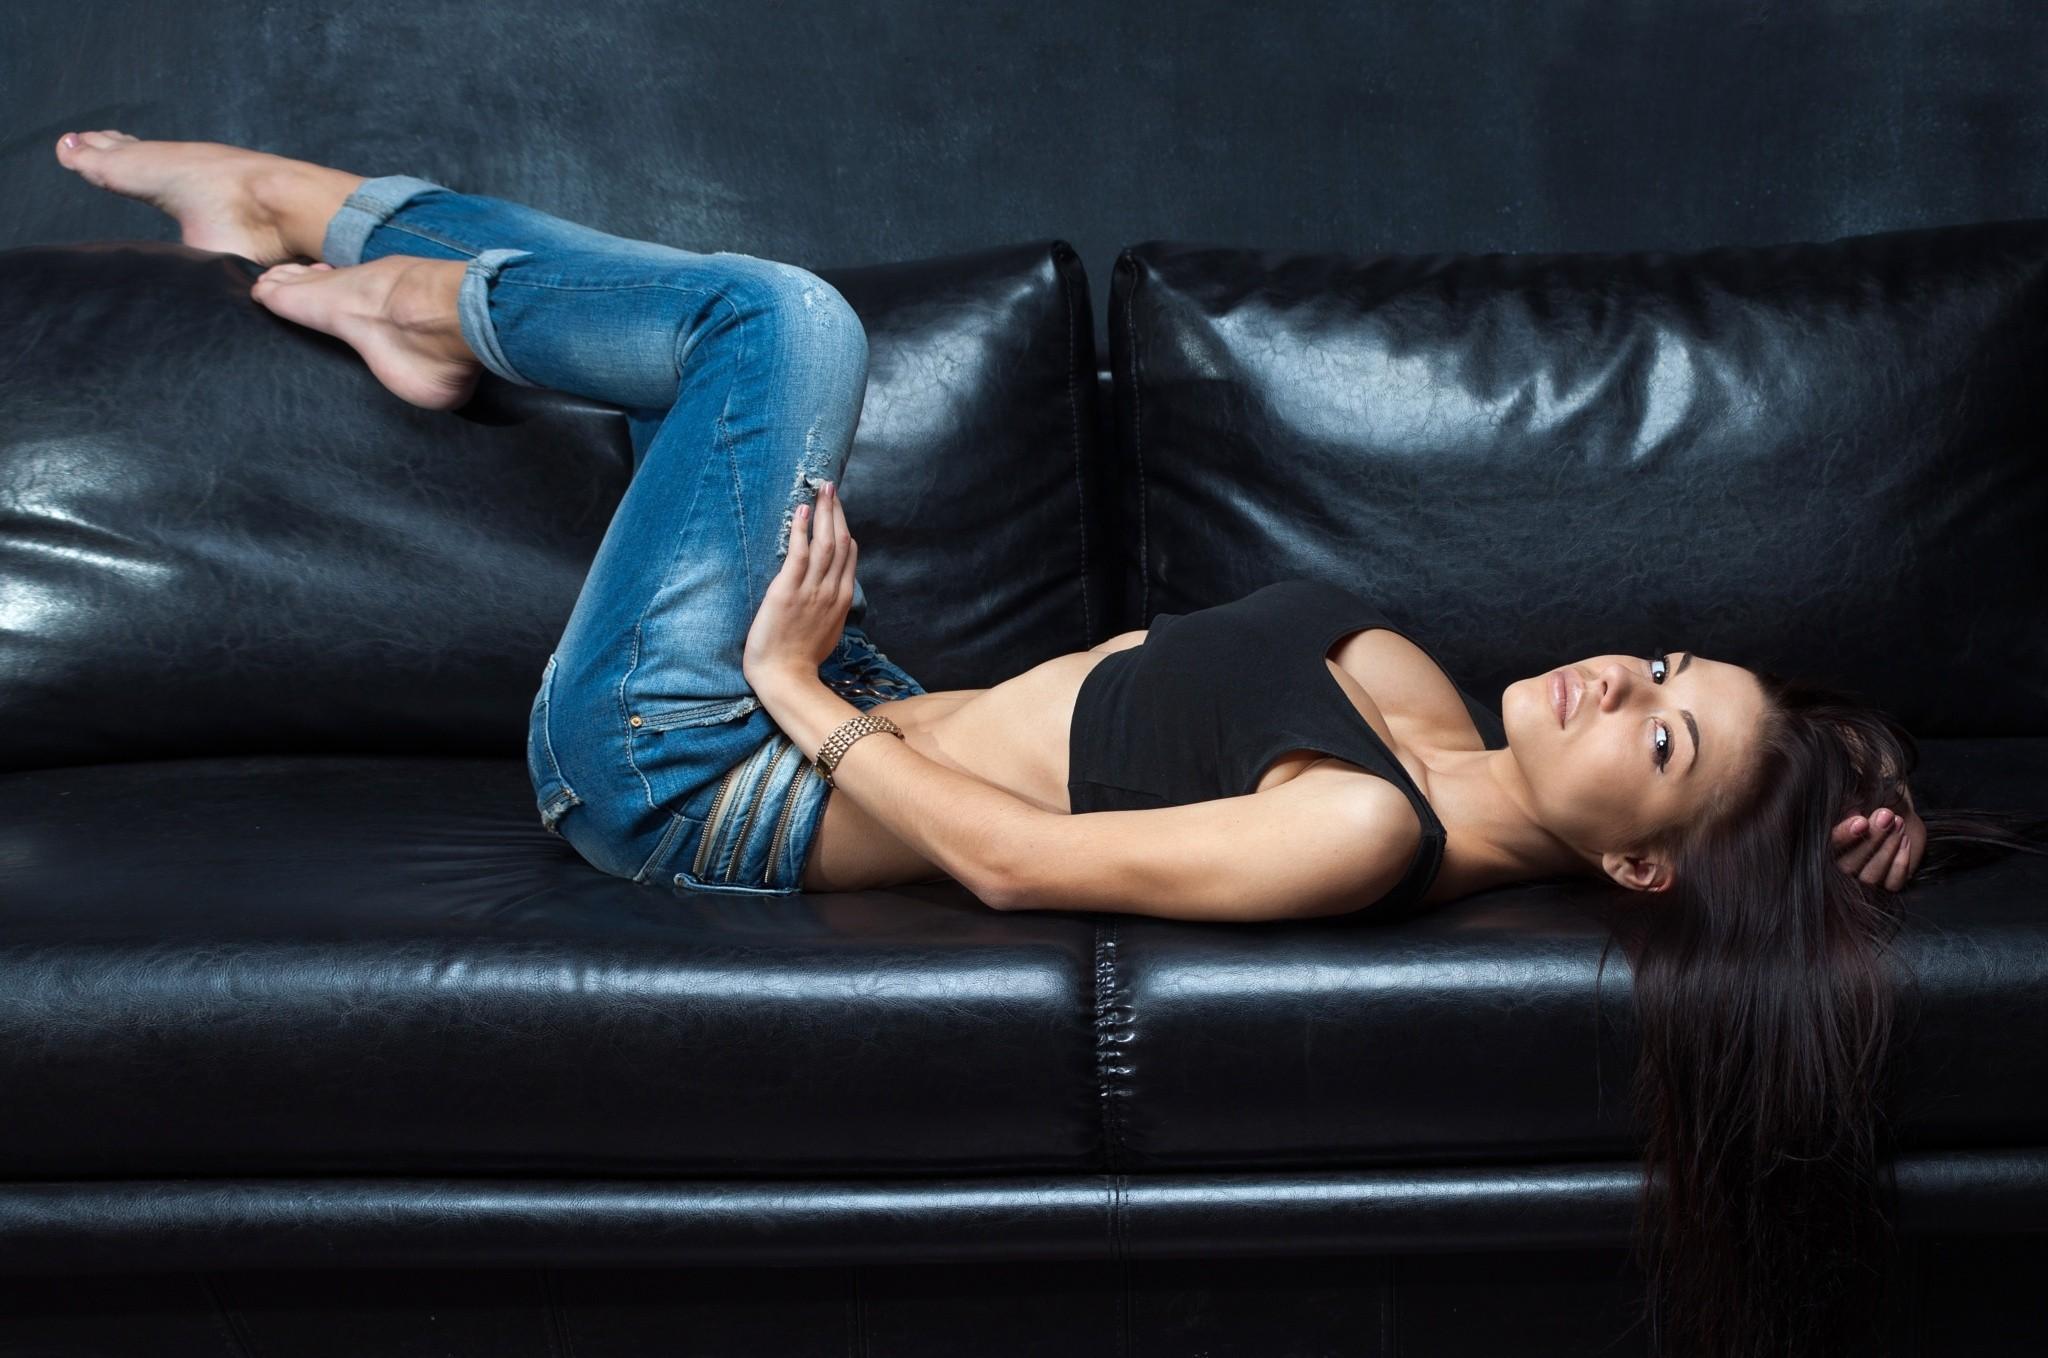 Marina Shimkovich Pics